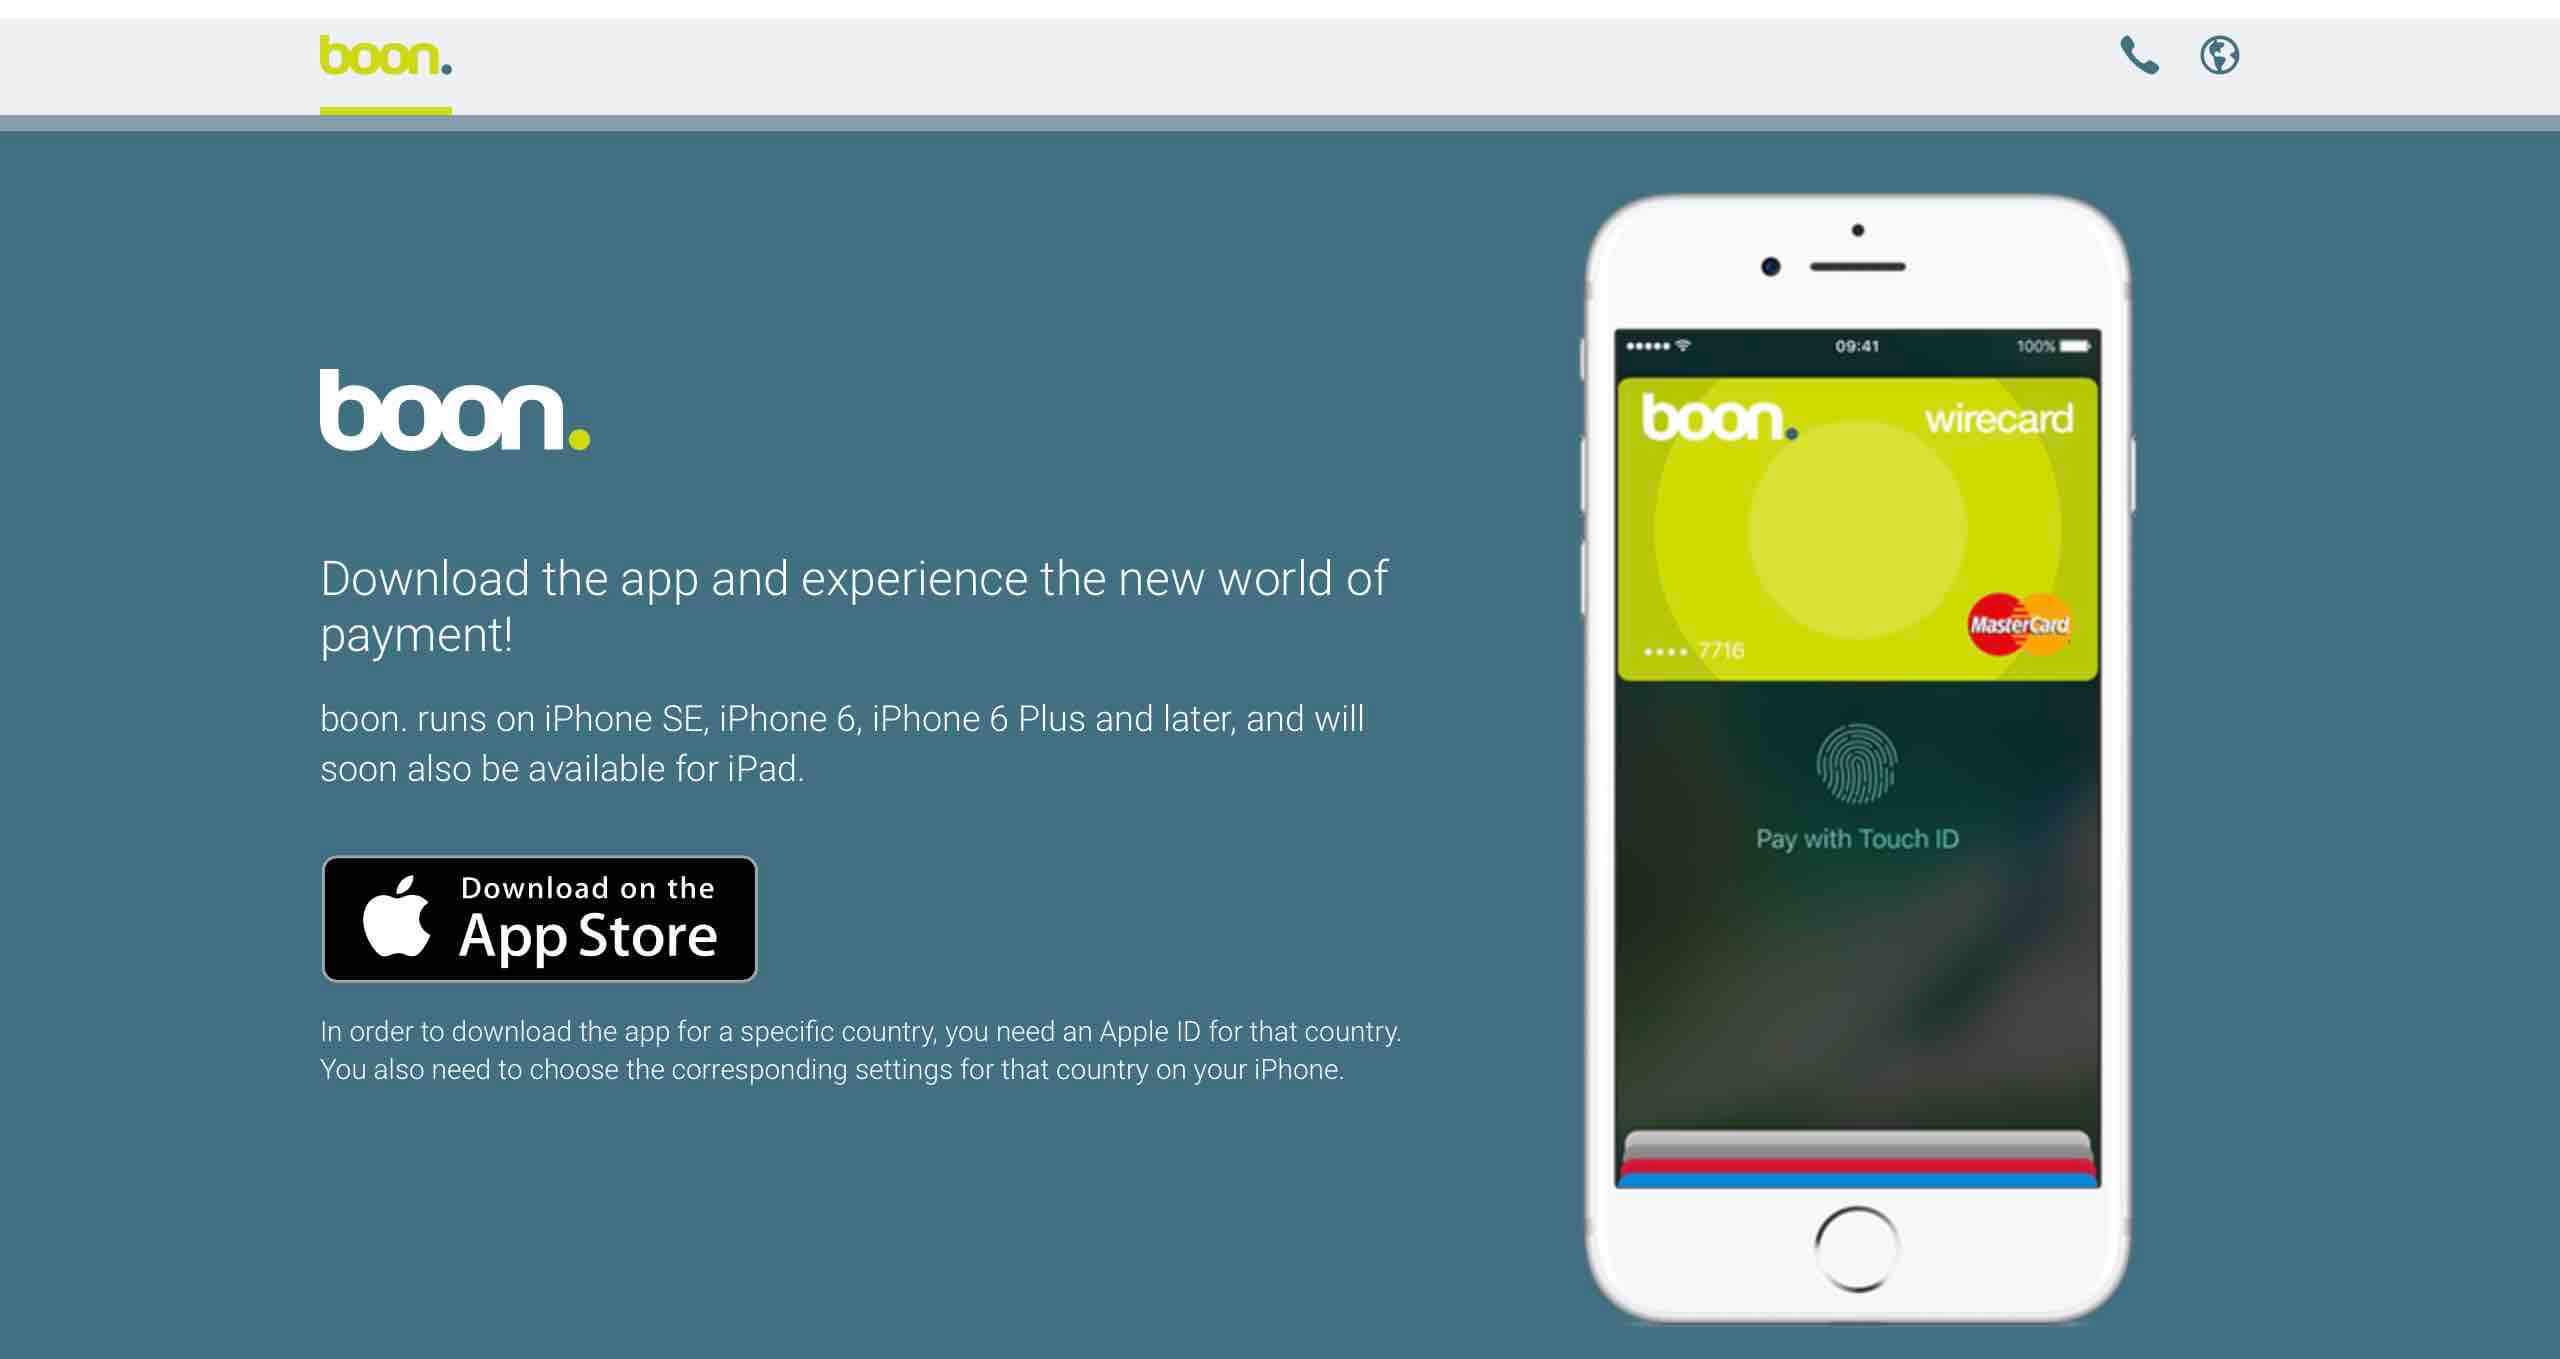 boon. mobilfizetés apple pay